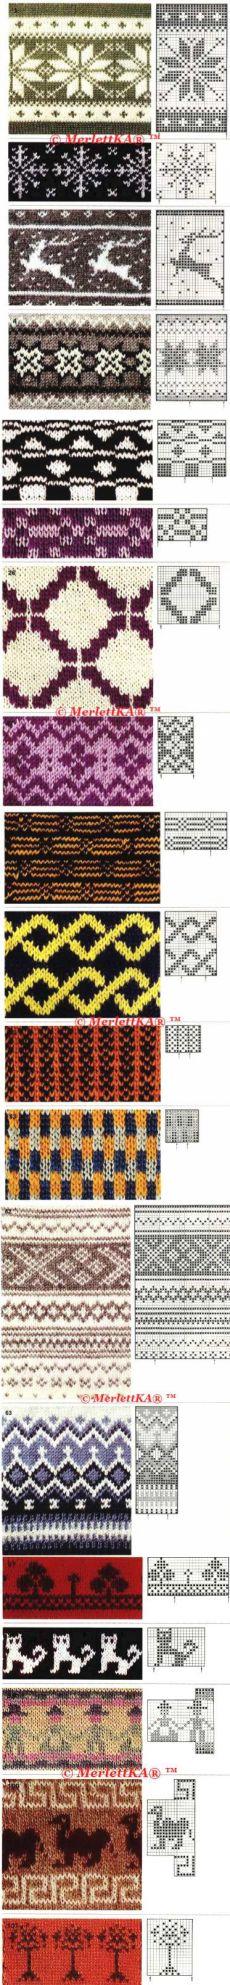 Жаккарда много не бывает - для бисера, вязания, ткачества и точечной росписи